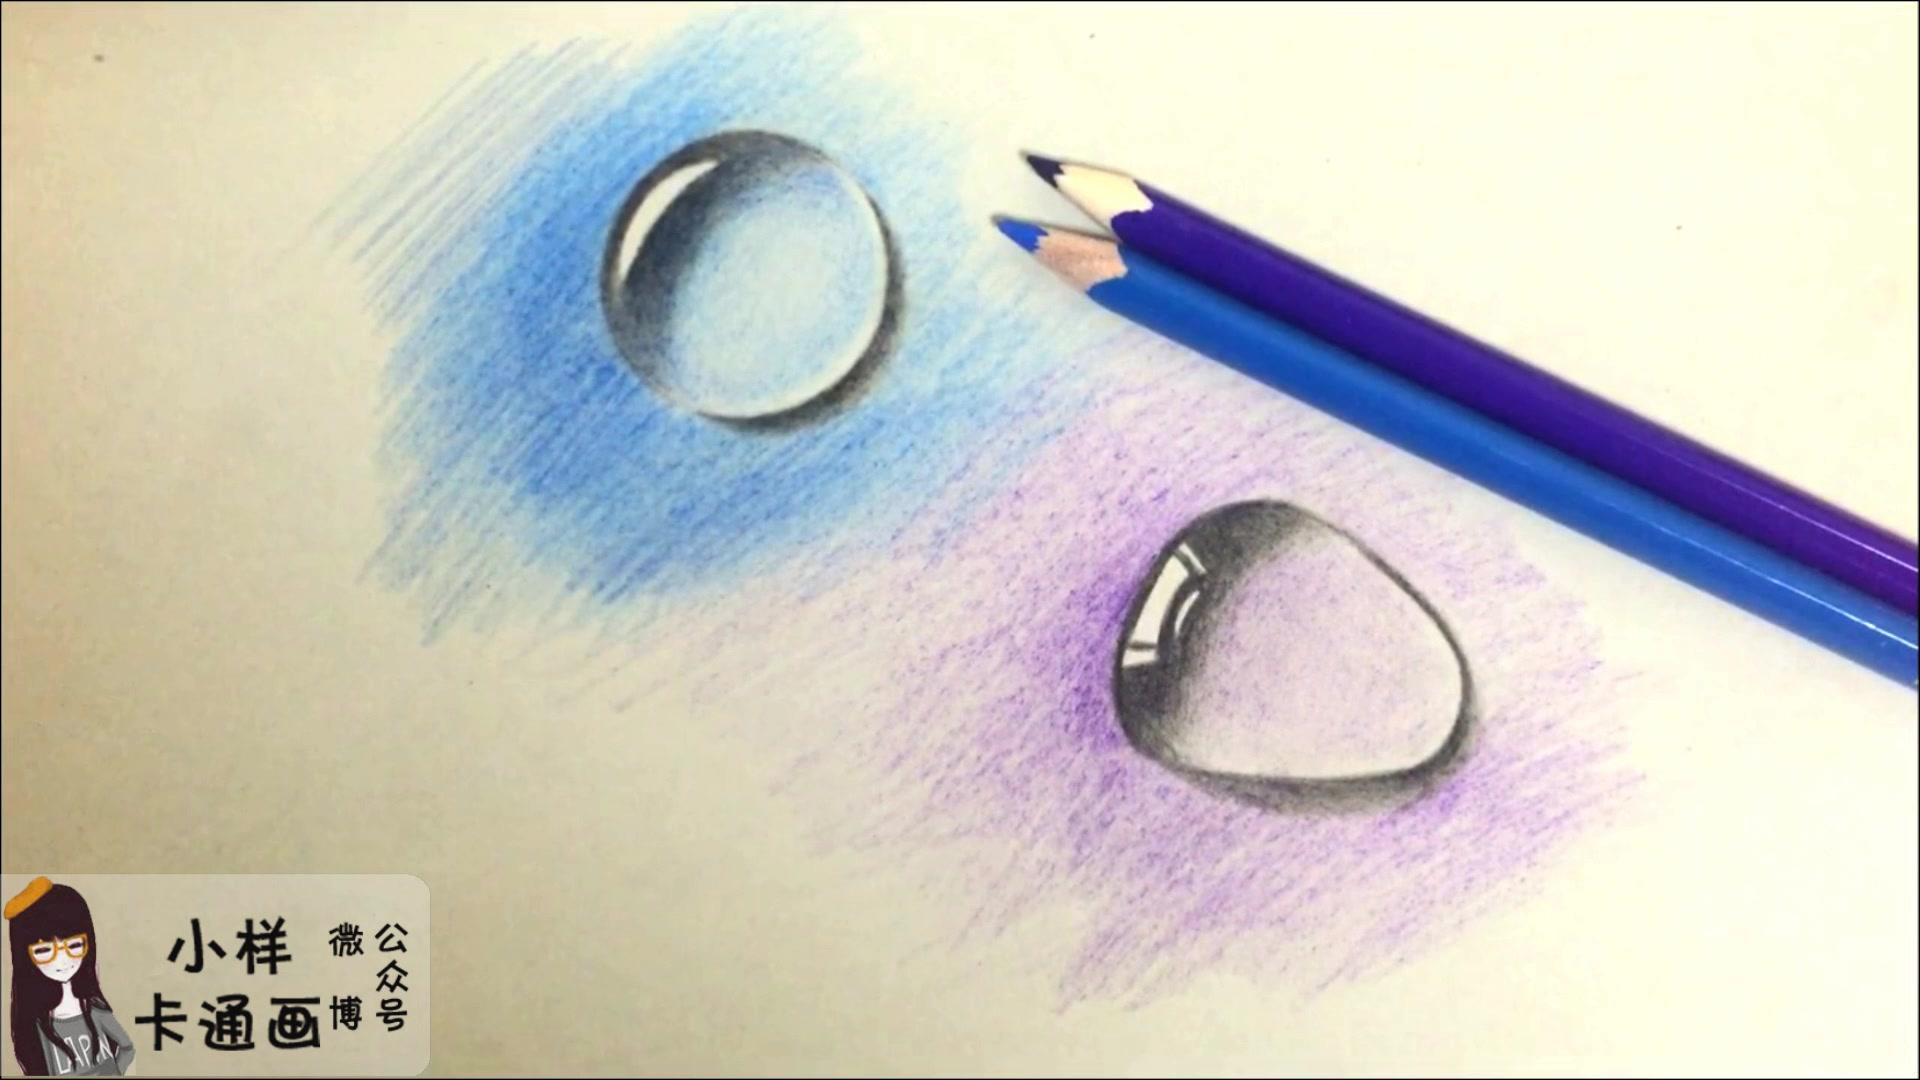 逼真水珠画出来就这么简单,两支彩铅帮你搞定!